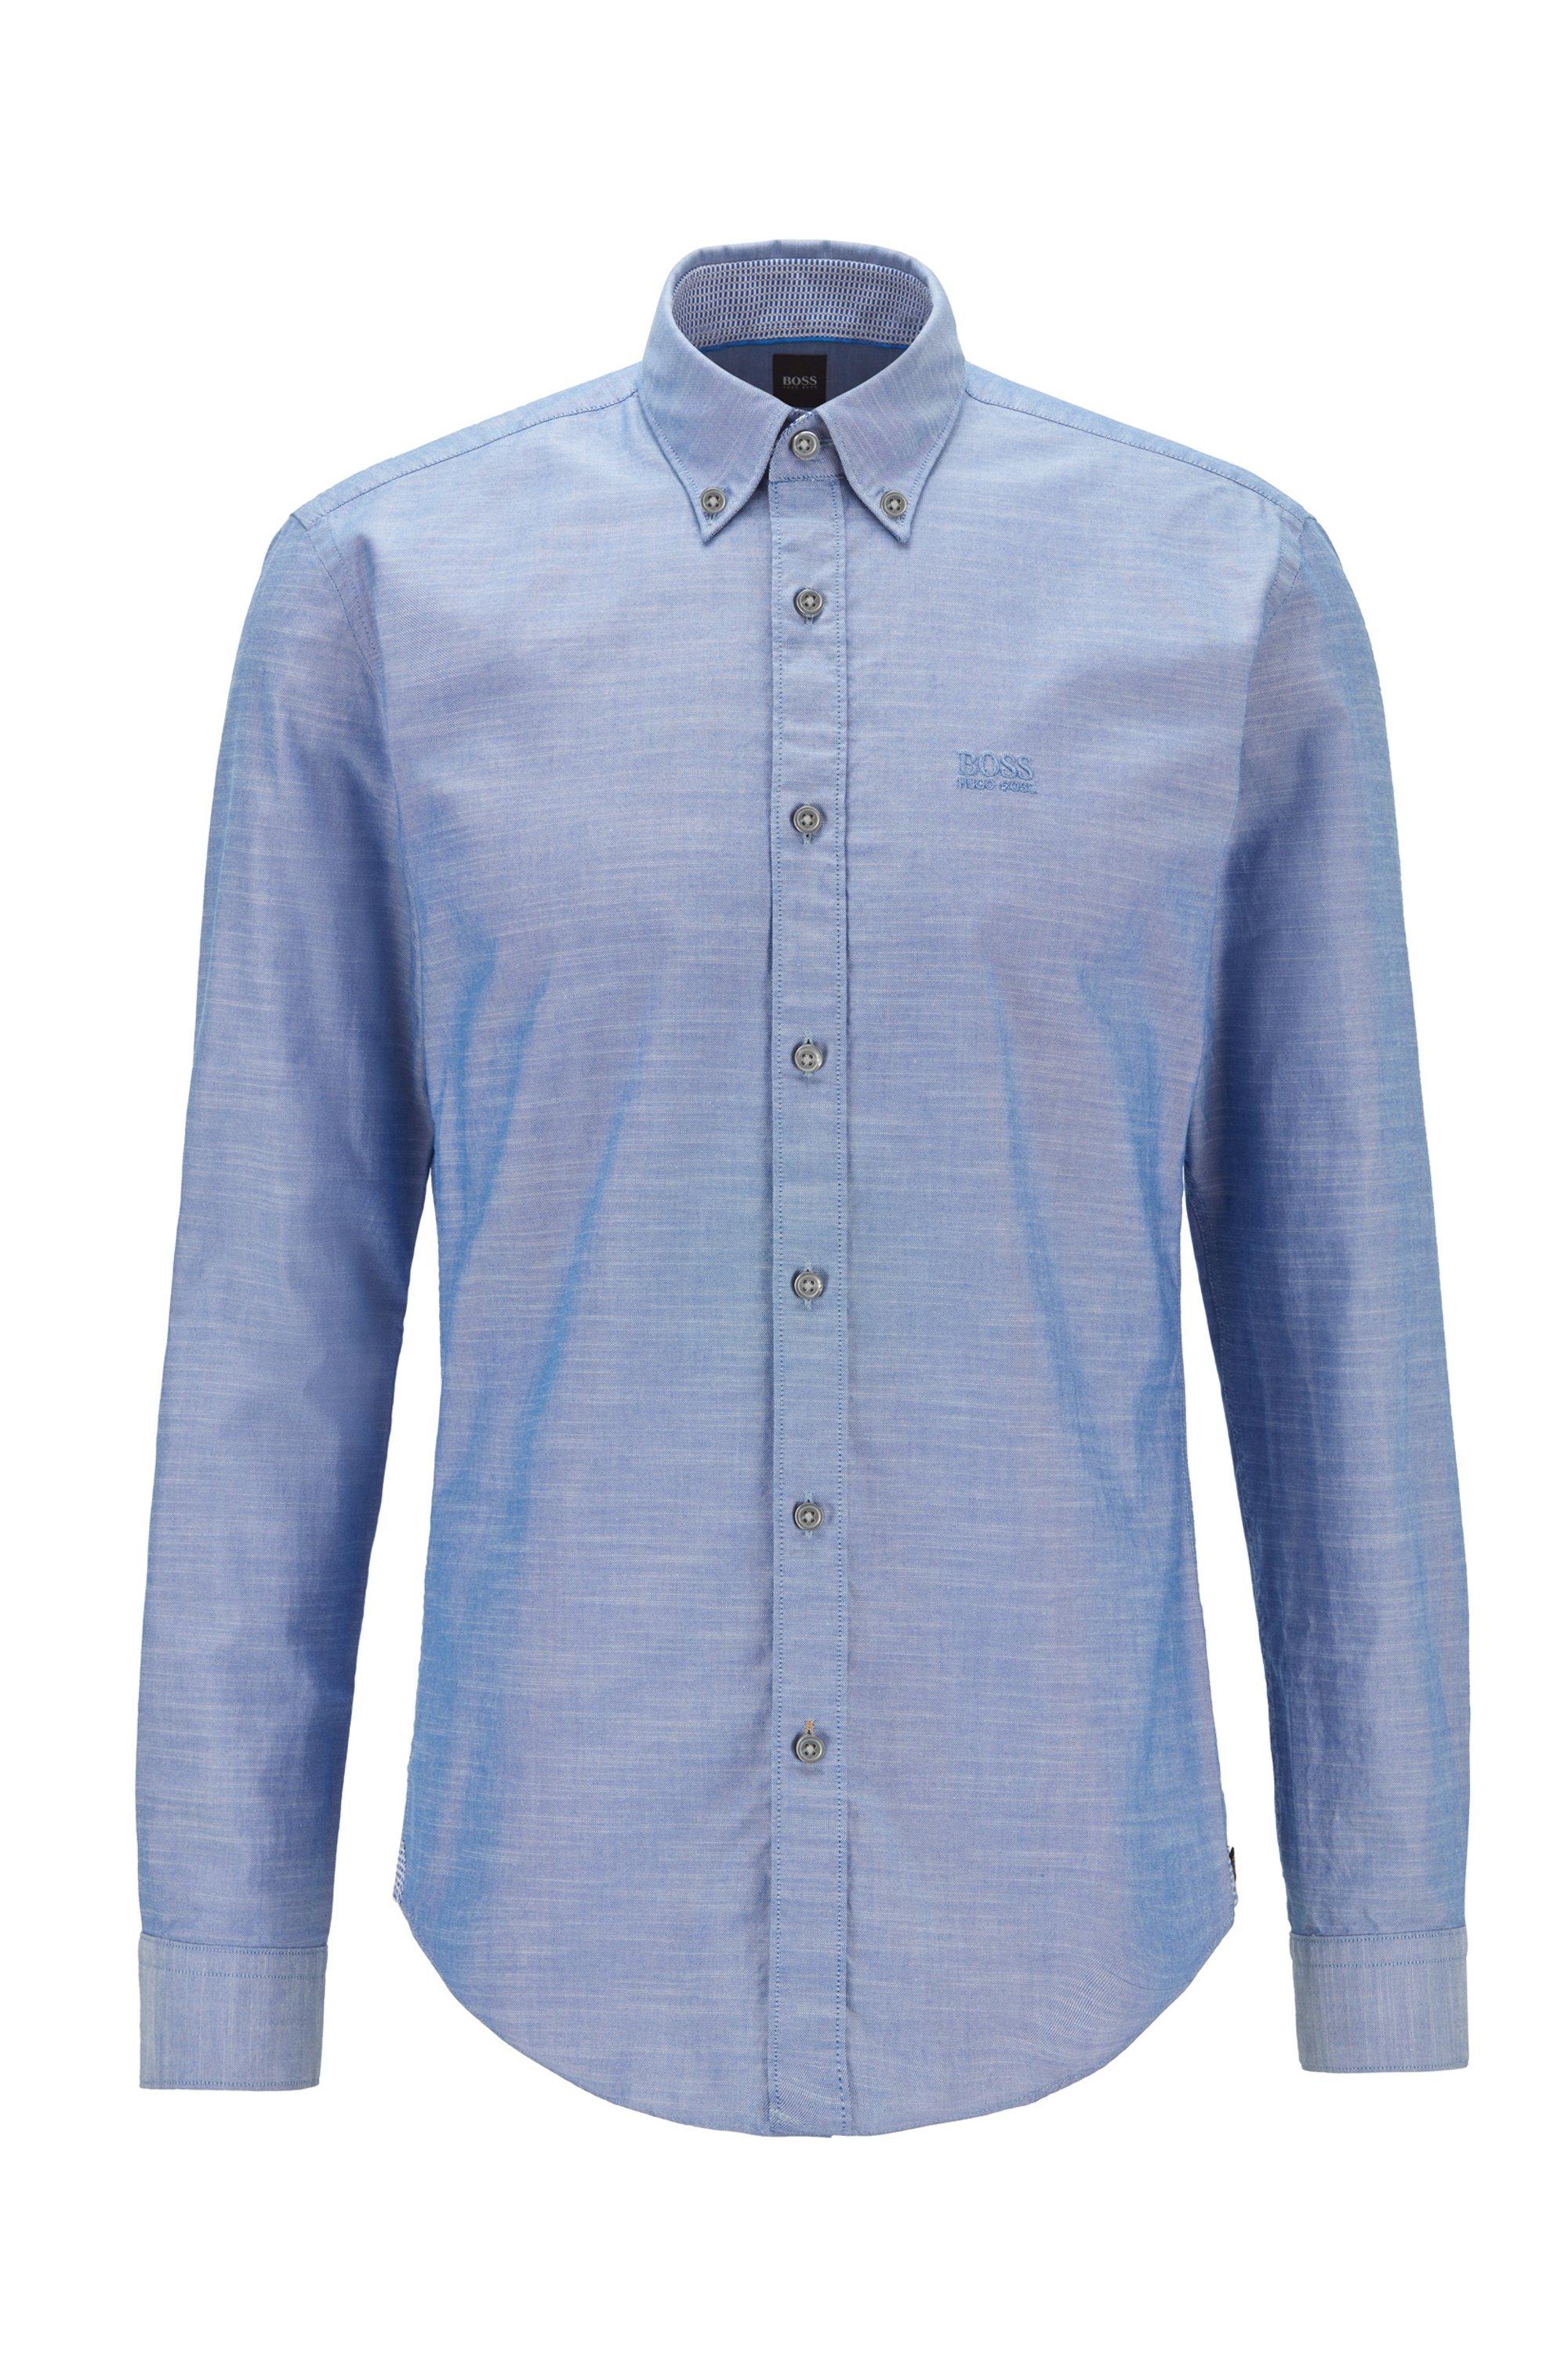 Chemise Slim Fit en coton stretch à logo brodé, bleu clair